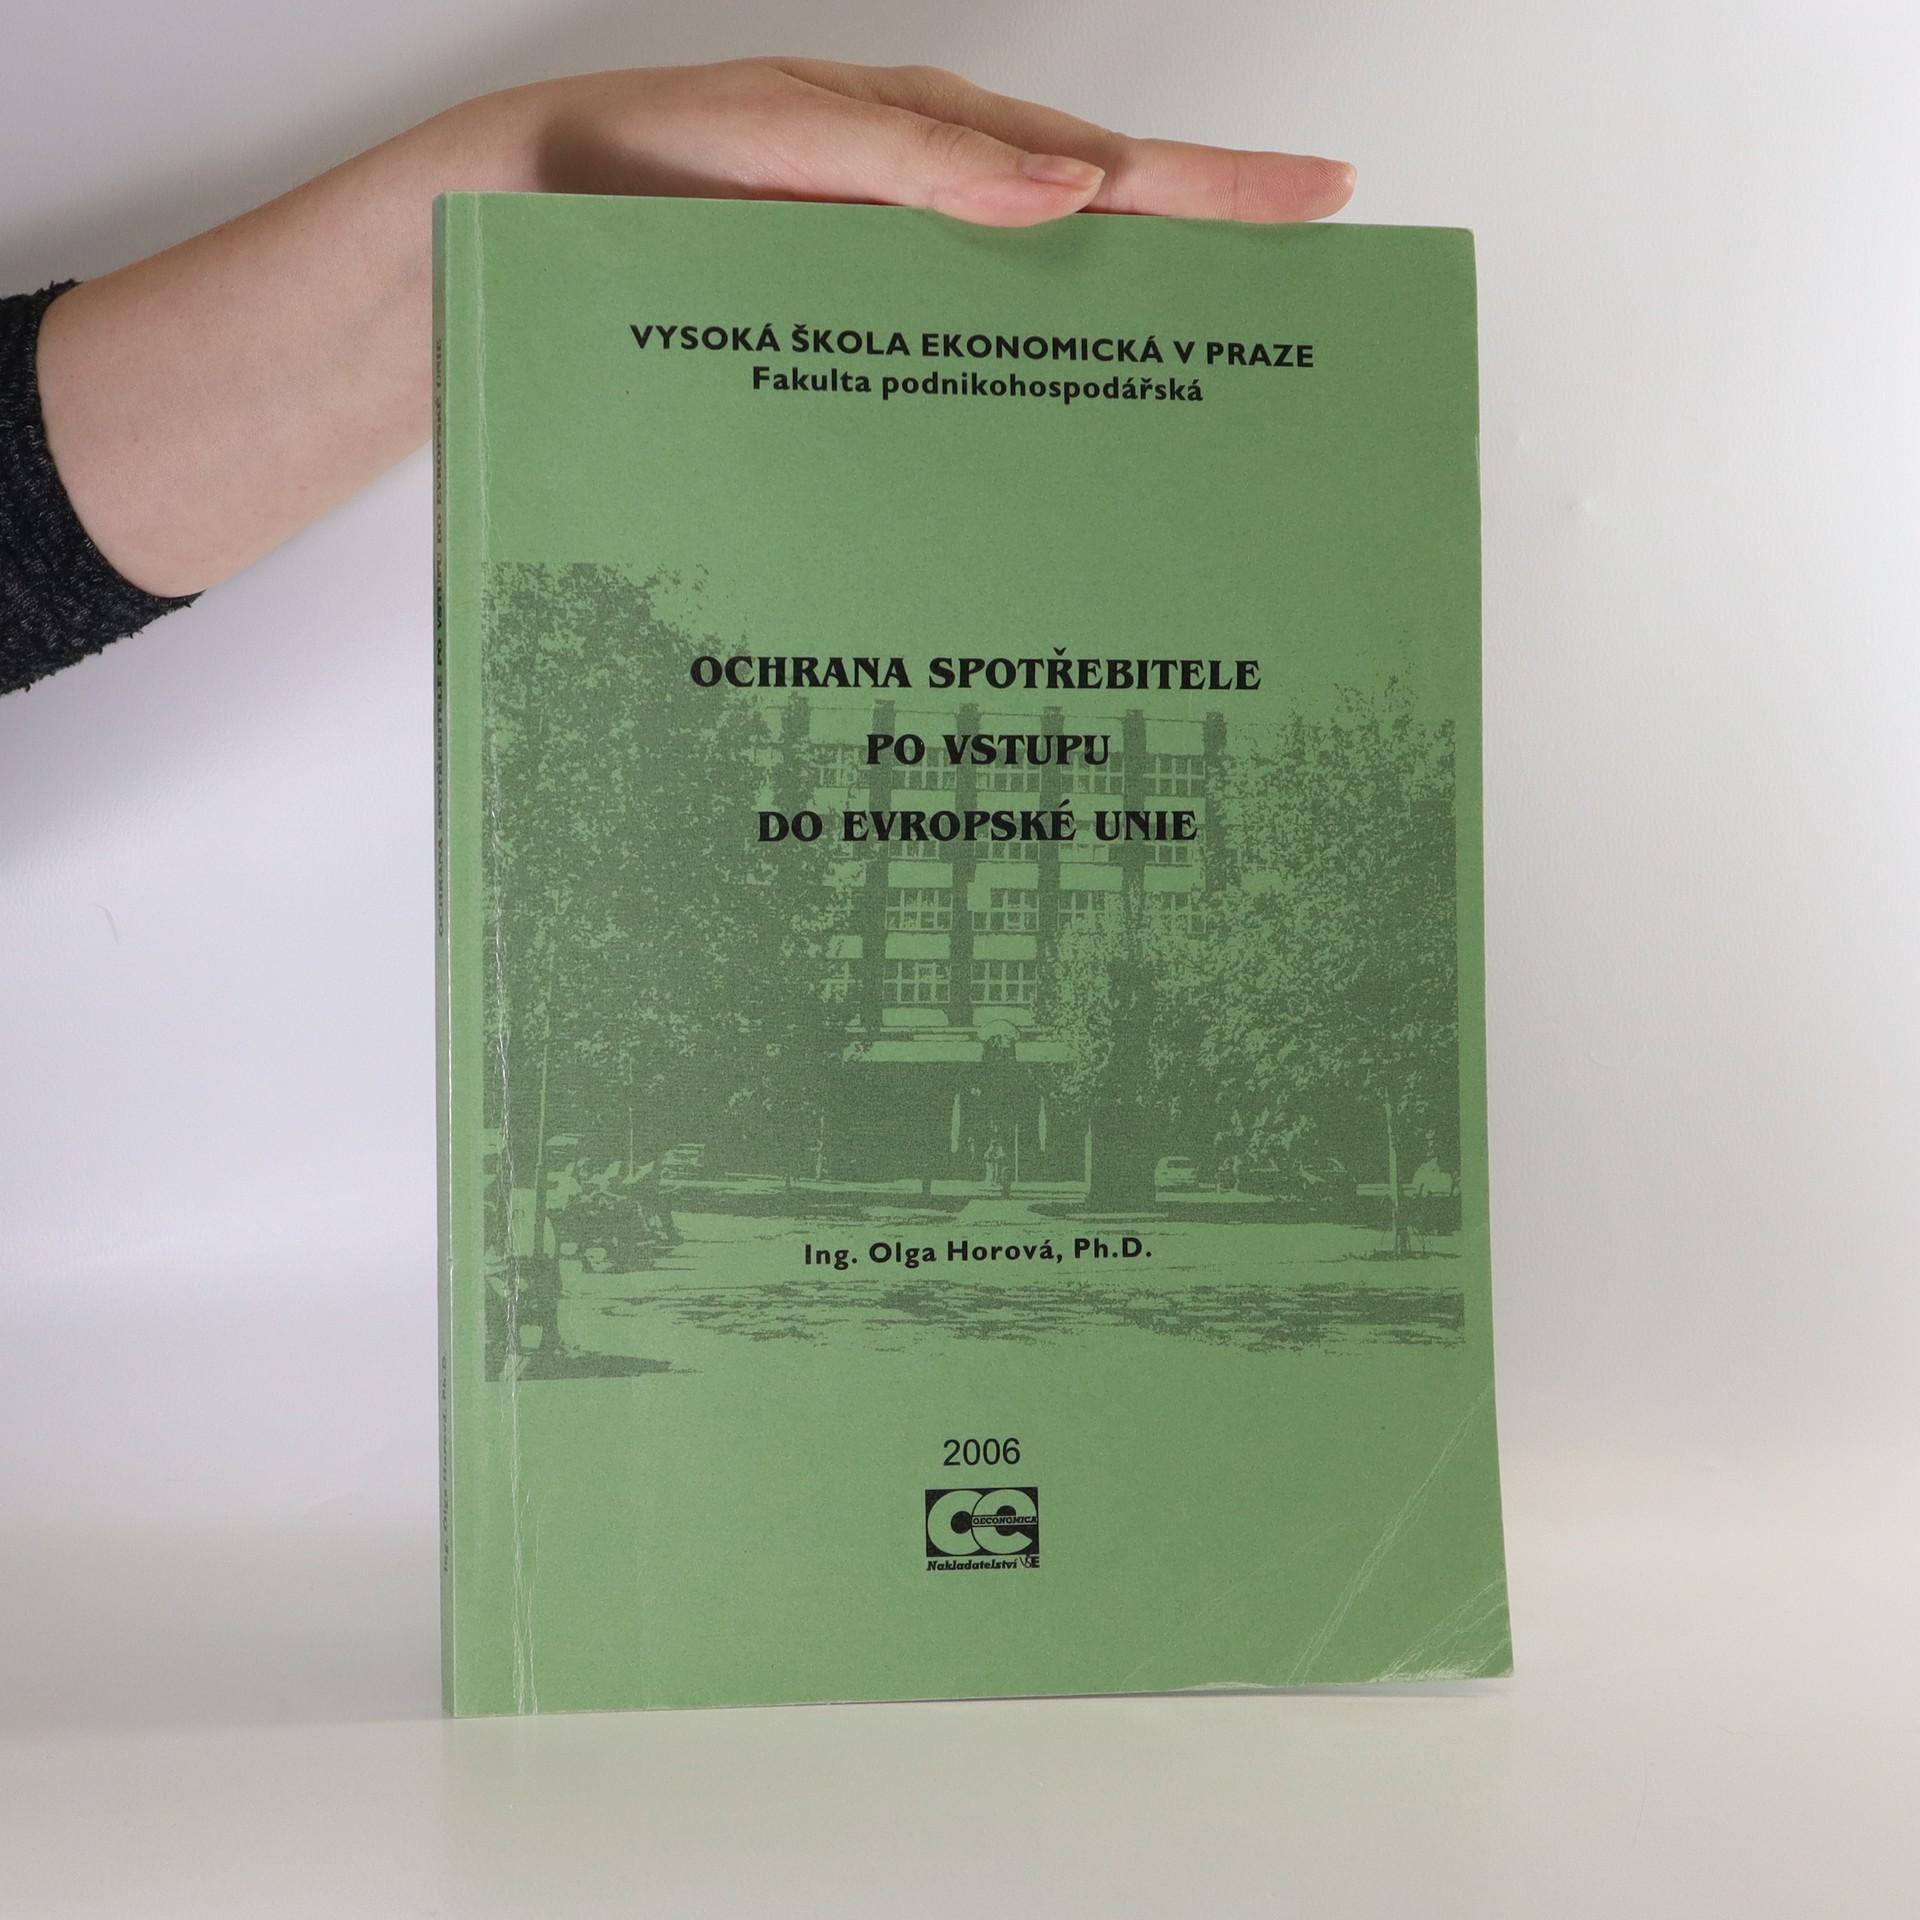 antikvární kniha Ochrana spotřebitele po vstupu do Evropské unie, 2006